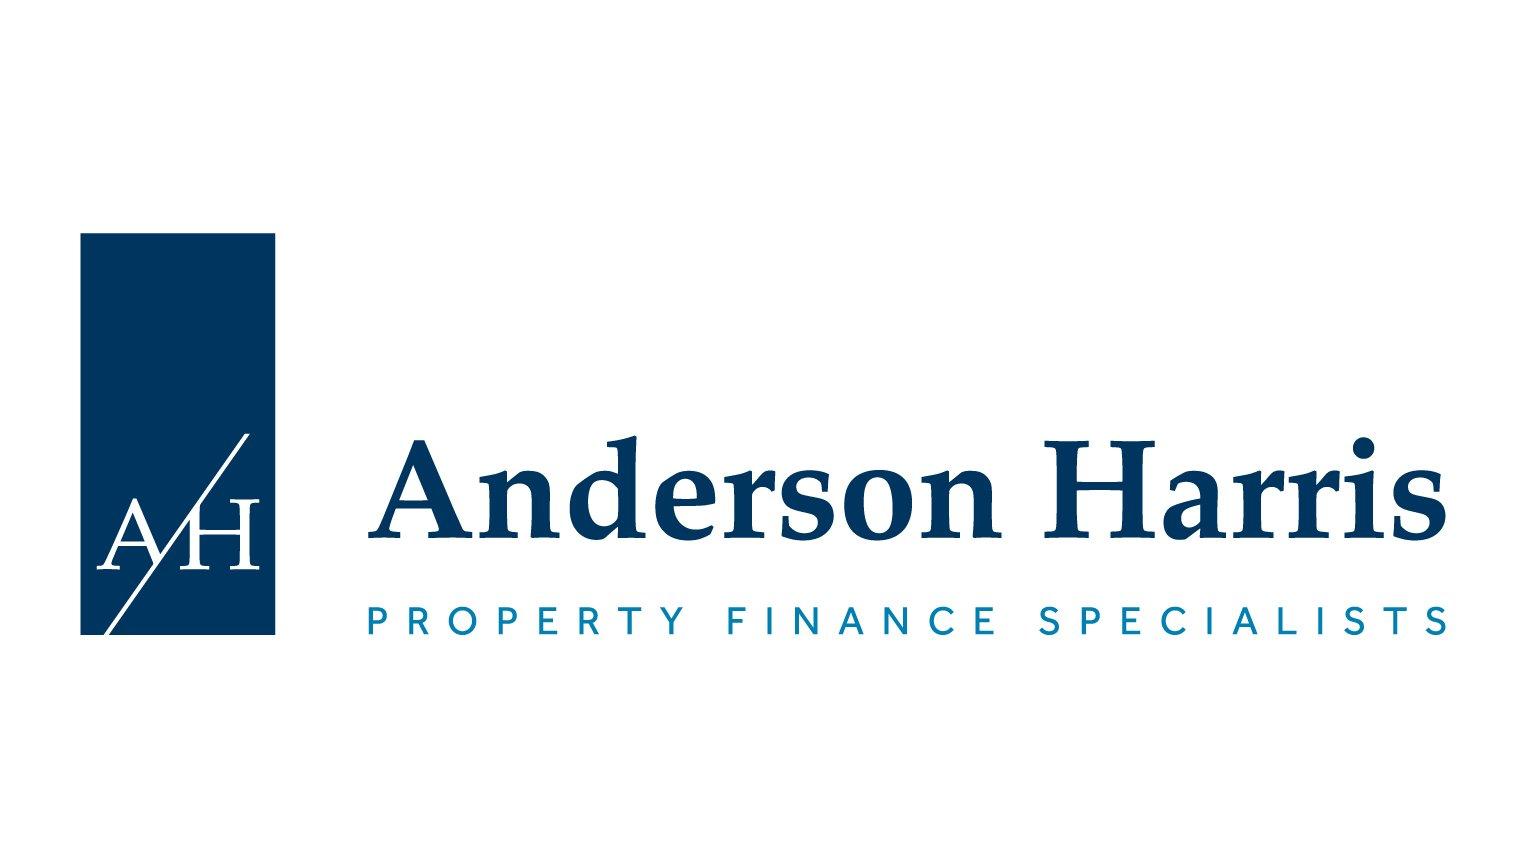 Anderson Harris